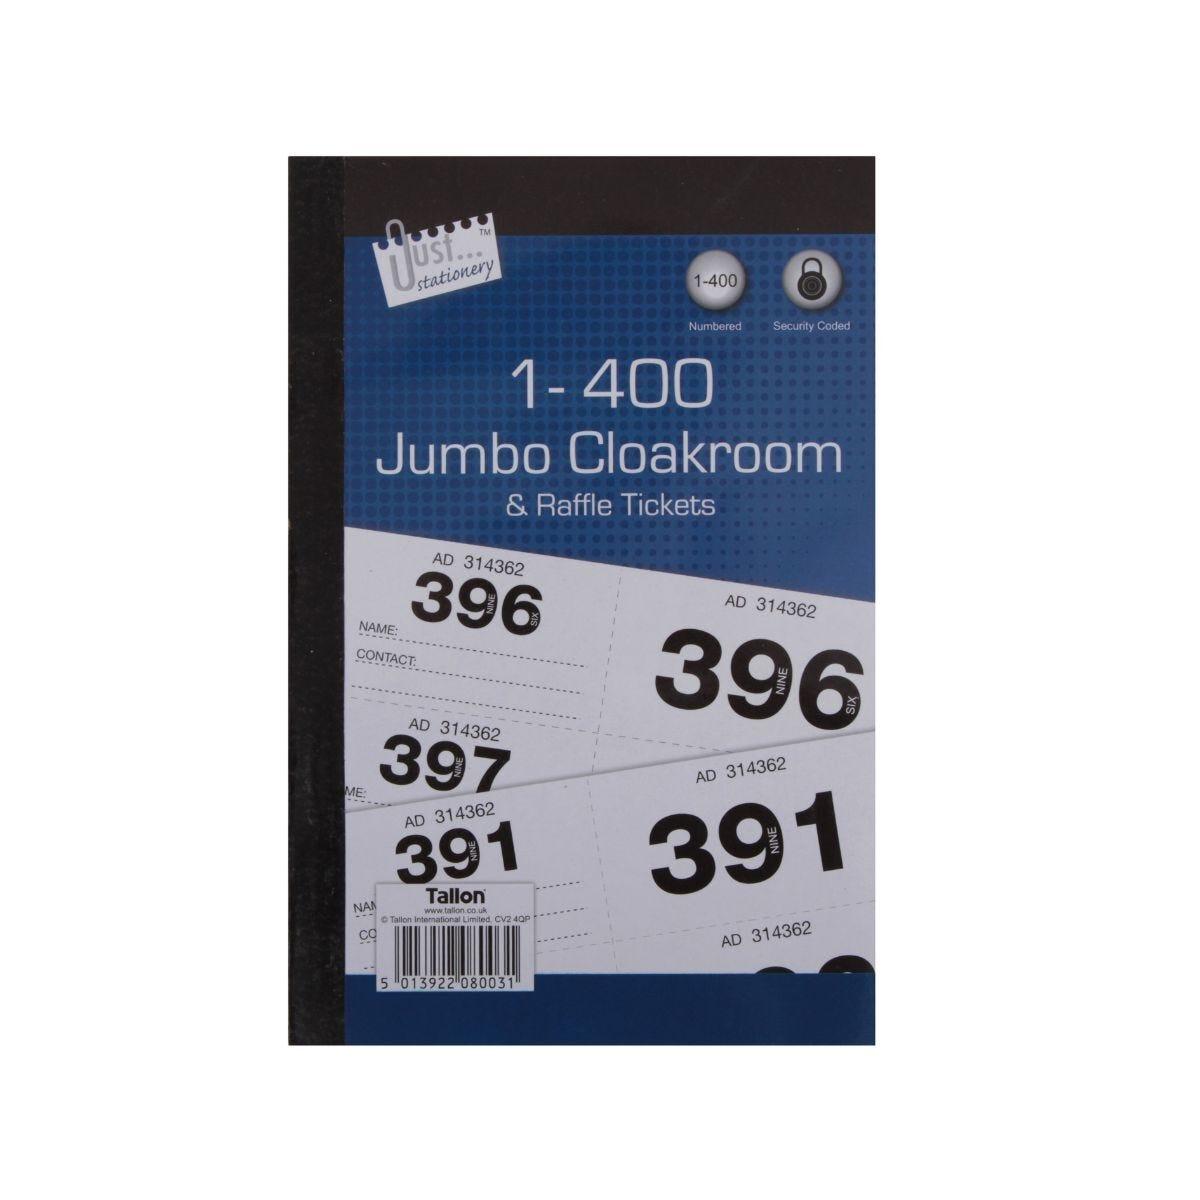 Jumbo Cloakroom & Raffle Tickets 1-400